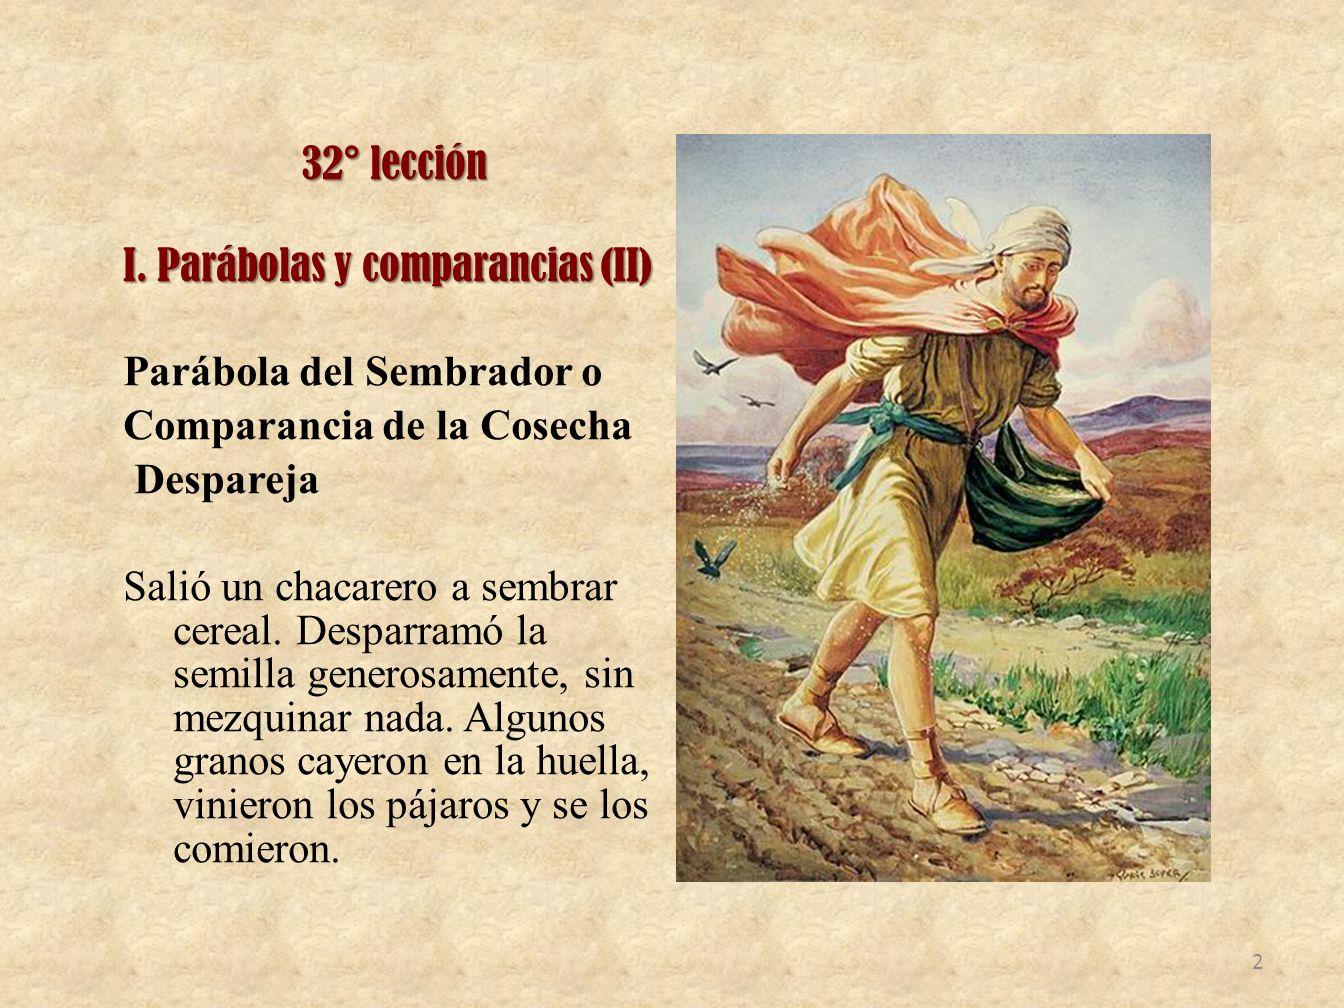 32° lección I. Parábolas y comparancias (II) Parábola del Sembrador o Comparancia de la Cosecha Despareja Salió un chacarero a sembrar cereal. Desparr